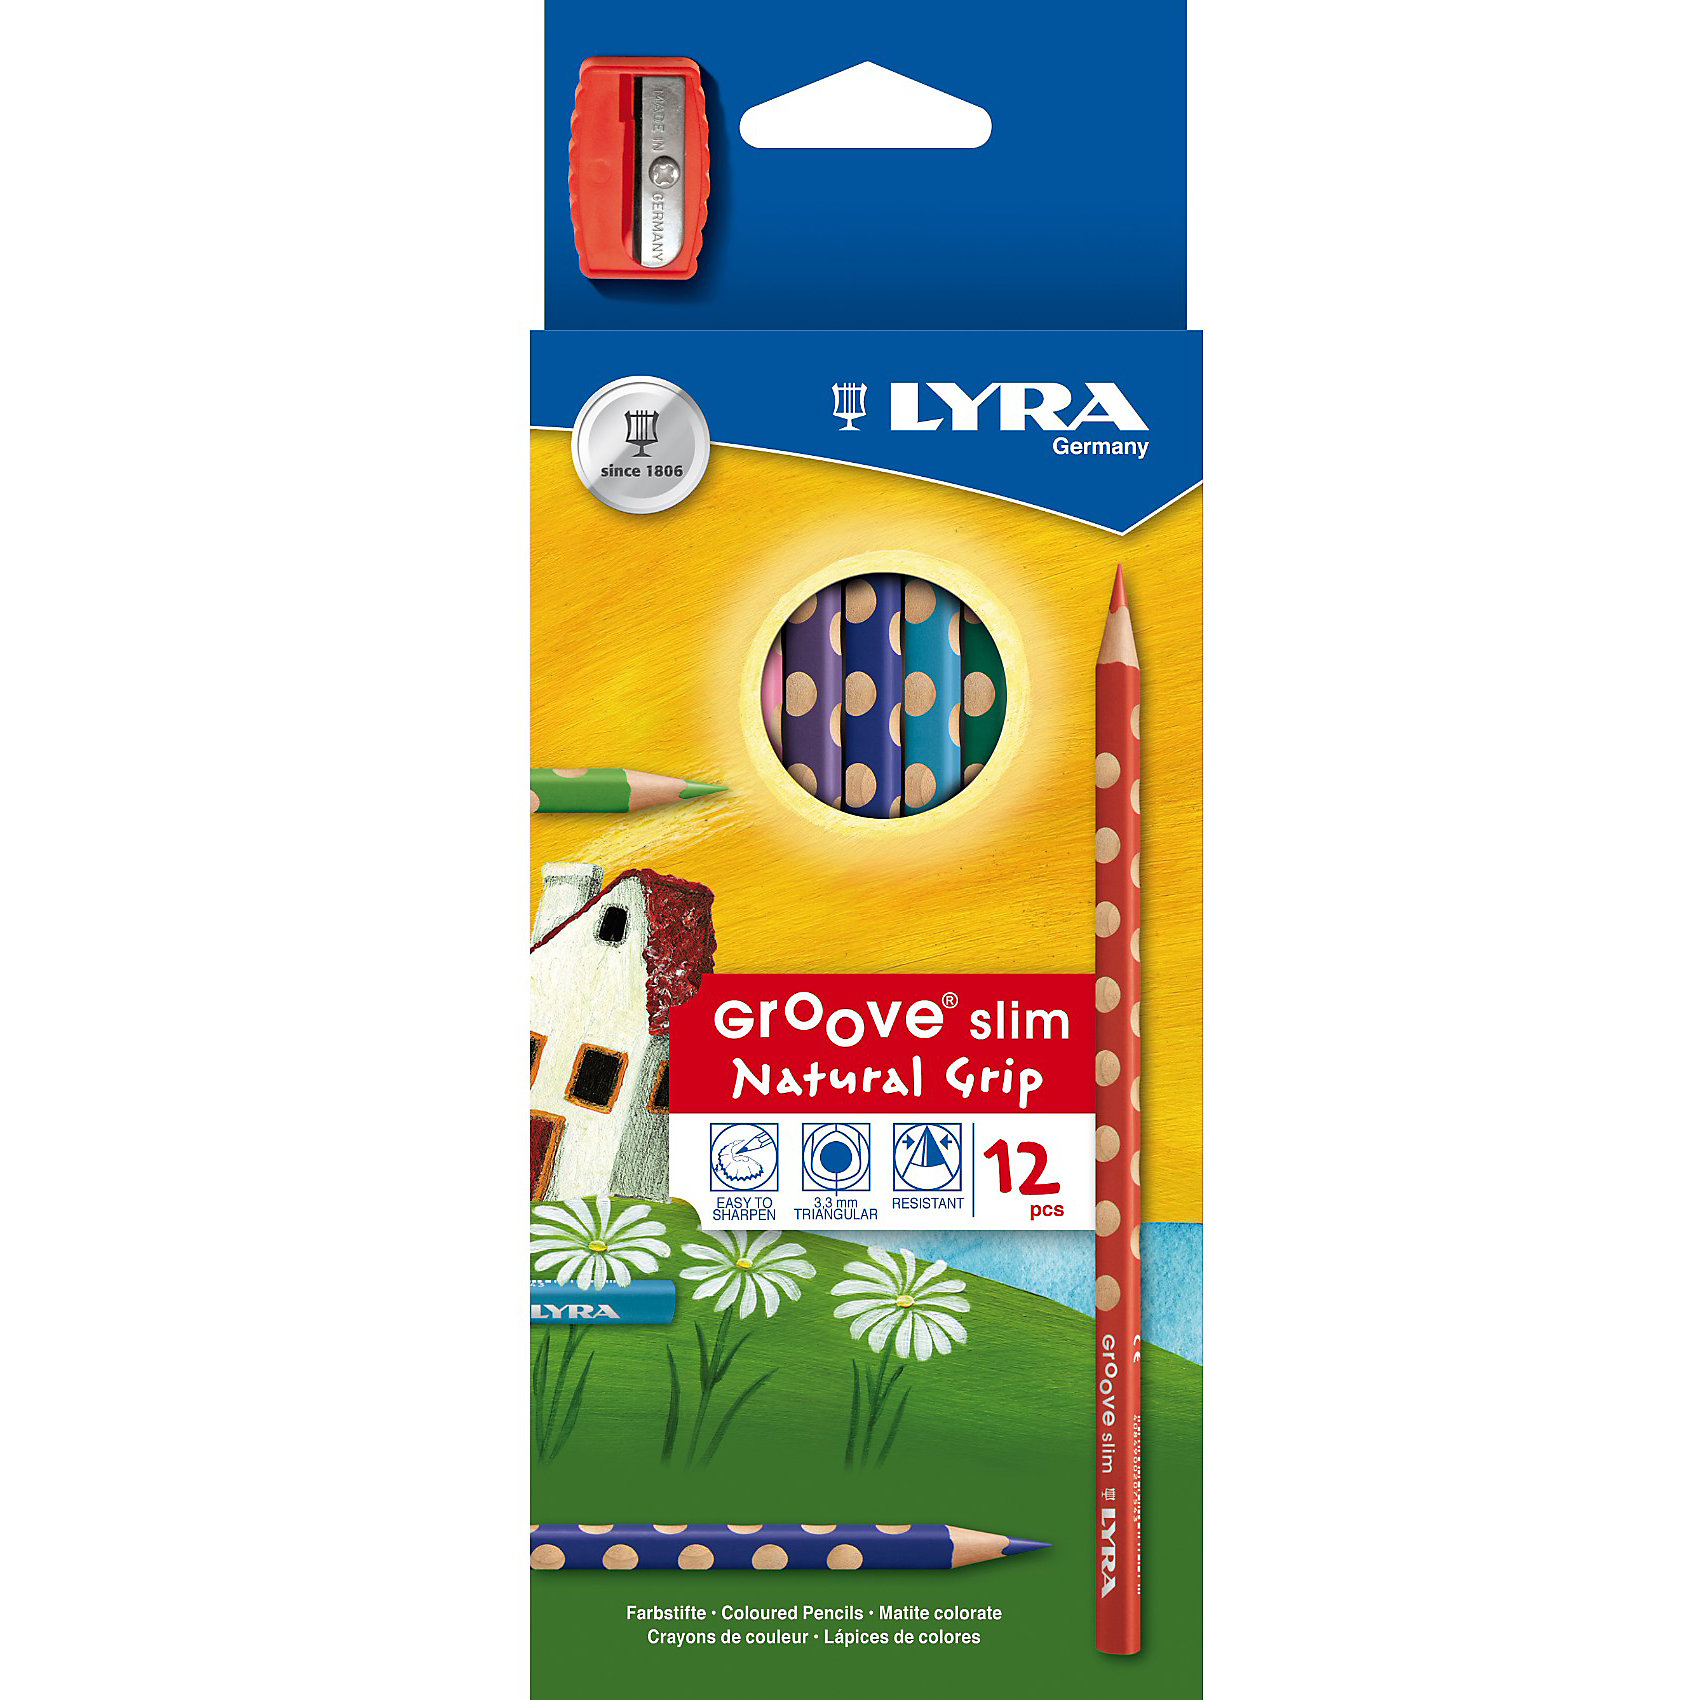 Цветные карандаши, 12 шт.Письменные принадлежности<br>Характеристики товара:<br><br>• в комплекте: 12 карандашей, точилка;<br>• диаметр грифеля: 3,3 мм;<br>• длина карандашей: 17,5 см;<br>• размер упаковки: 9х22,5х1 см;<br>• вес: 110 грамм;<br>• возраст: от 3 лет.<br><br>Набор Lyra GROOVE SLIM состоит из 12 цветных карандашей с круглыми выемками по всей длине корпуса. Такая форма карандашей поможет правильно сформировать захват как правшам, так и левшам. При рисовании руки не устают, поэтому ребенок сможет нарисовать картины, требующие тщательной прорисовки.<br><br>Грифель карандаша отличается высокой прочностью. Он не ломается и не крошится при использовании. Корпус карандаша выполнен из экологически чистой сертифицированной древесины. Диаметр грифеля - 3,3 мм.<br><br>Lyra (Лира) GROOVE SLIM 12 цв. цветные карандаши с эргономичным захватом по всей длине можно купить в нашем интернет-магазине.<br><br>Ширина мм: 227<br>Глубина мм: 94<br>Высота мм: 24<br>Вес г: 93<br>Возраст от месяцев: 60<br>Возраст до месяцев: 120<br>Пол: Унисекс<br>Возраст: Детский<br>SKU: 2021014